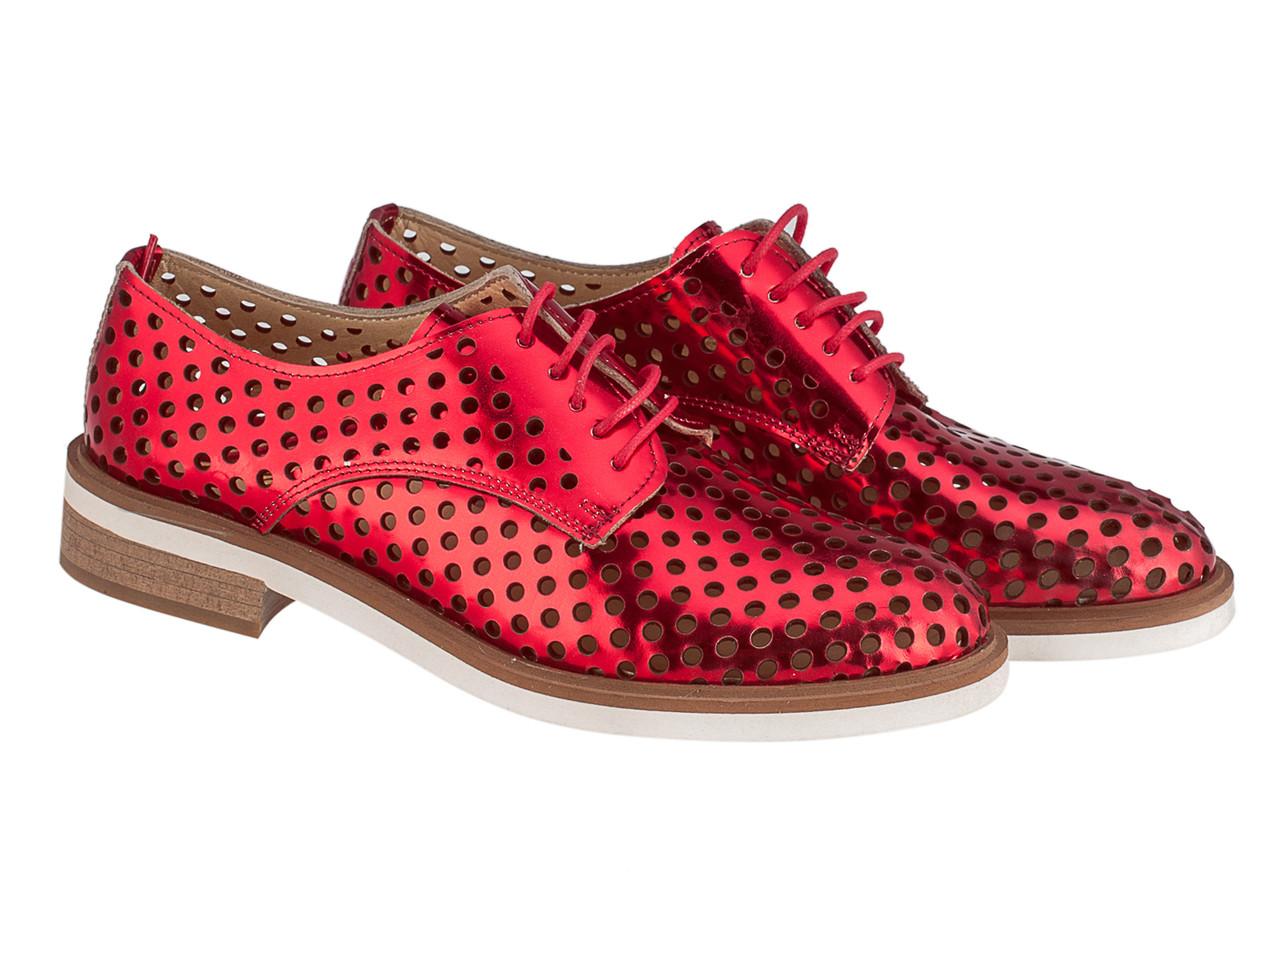 Туфли Etor 5890-10339 красные, фото 1